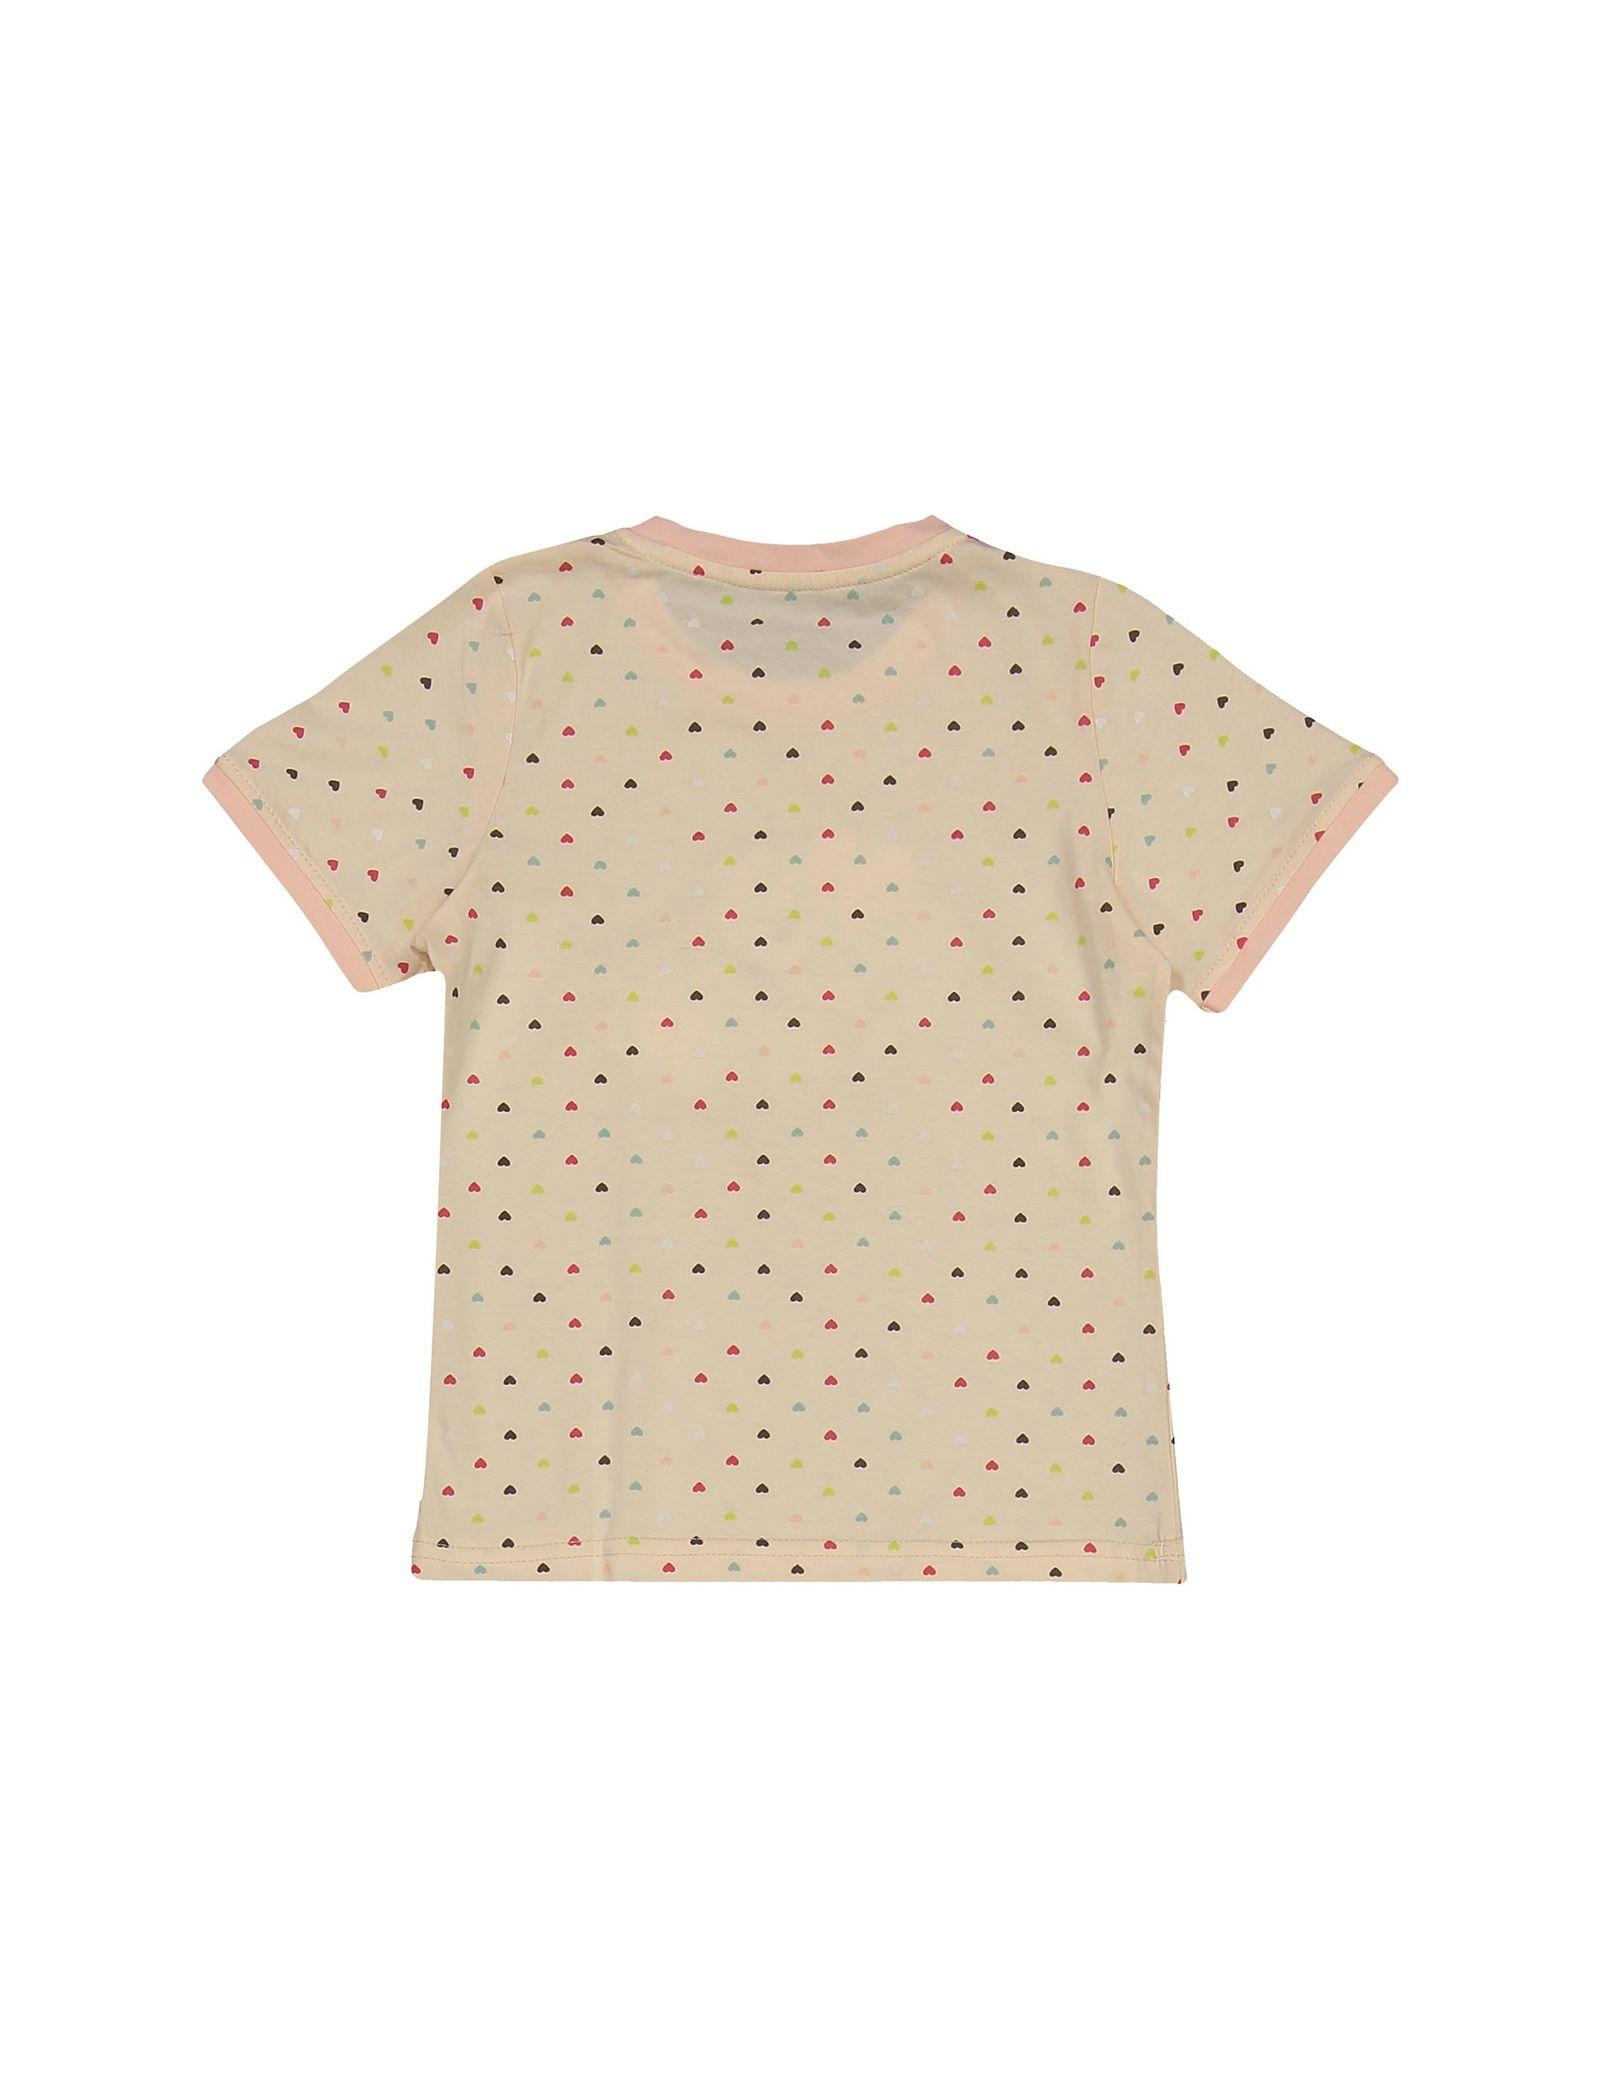 تی شرت و شلوار نخی دخترانه خرس مهربان - ناربن - گلبهي - 3